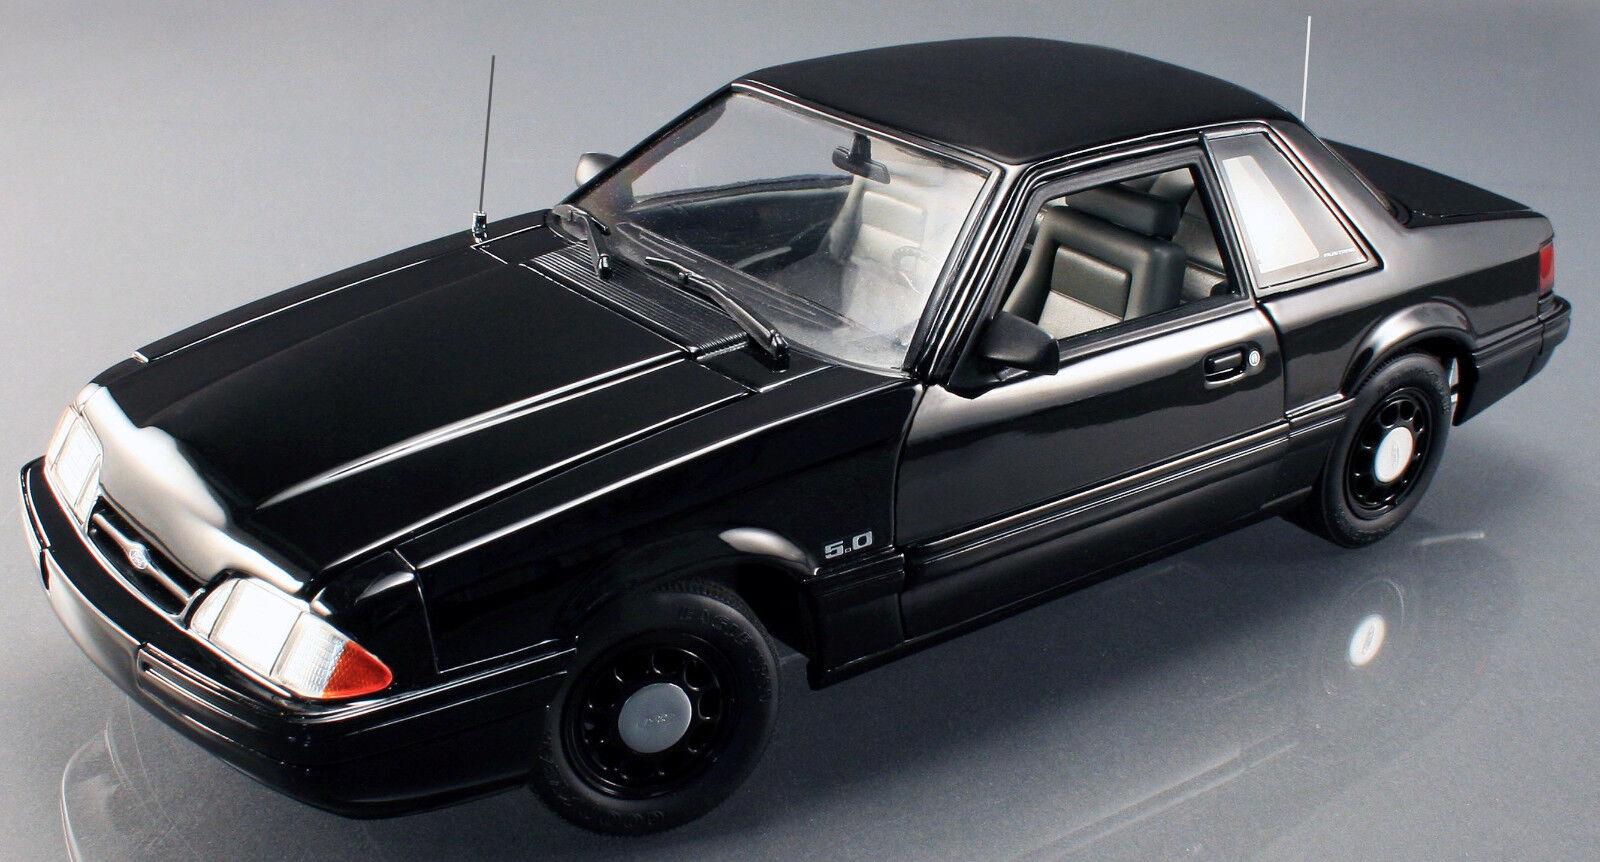 precios bajos 1992 Ford Mustang Negro 1 18 GMP 18805 18805 18805  increíbles descuentos